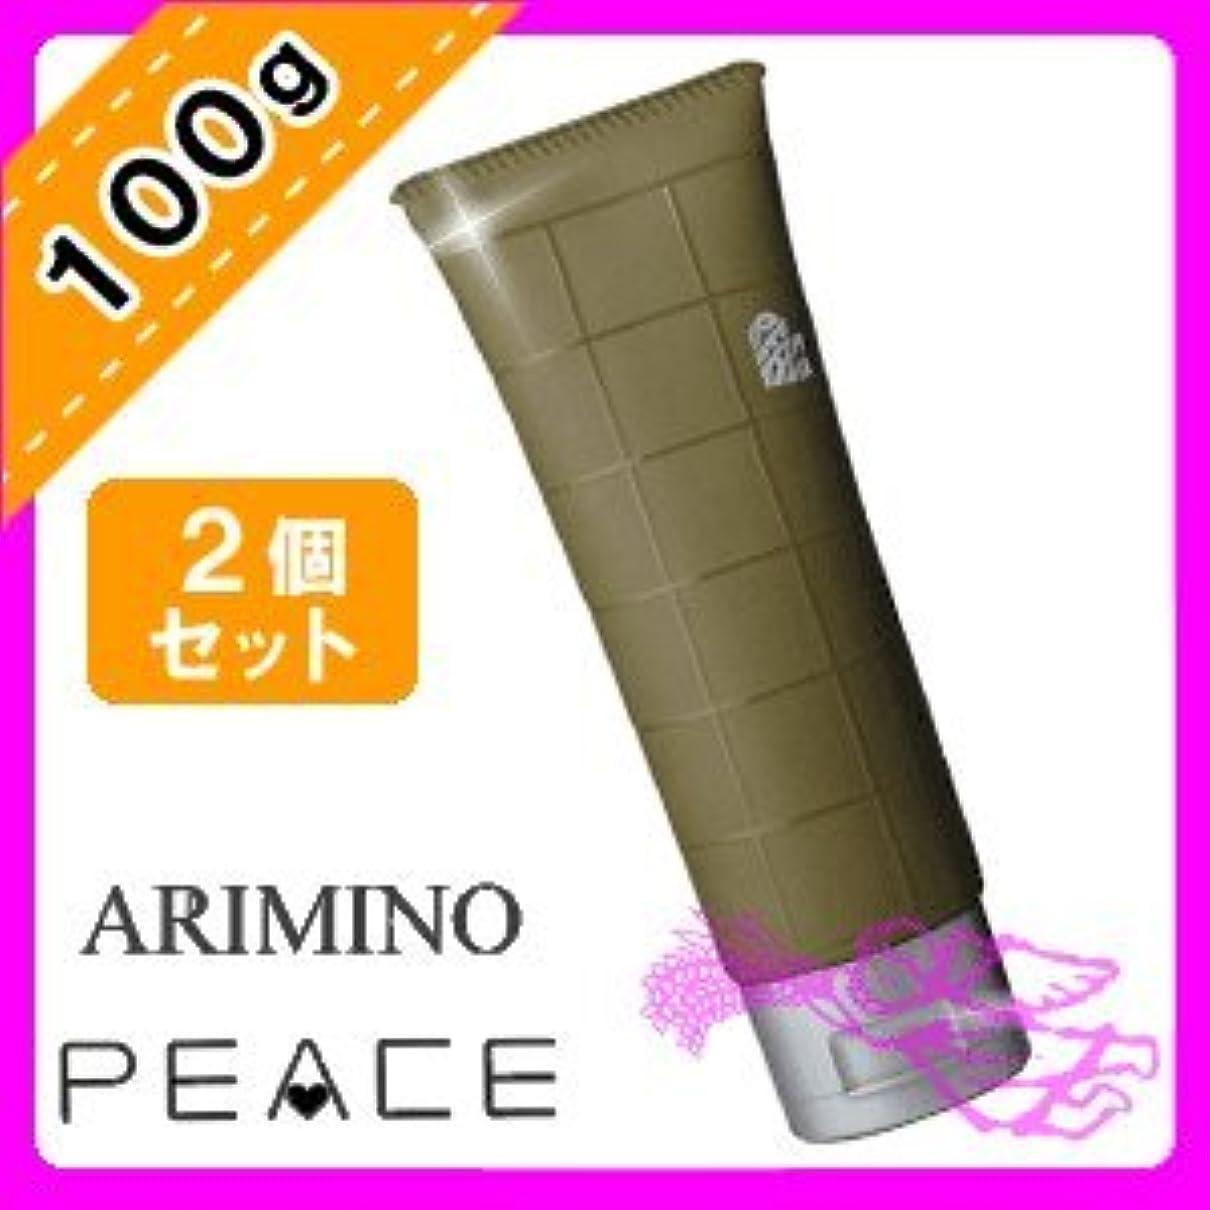 拡大する見物人どんよりしたアリミノ ピース ウェットオイル ワックス 100g ×2個セット arimino PEACE